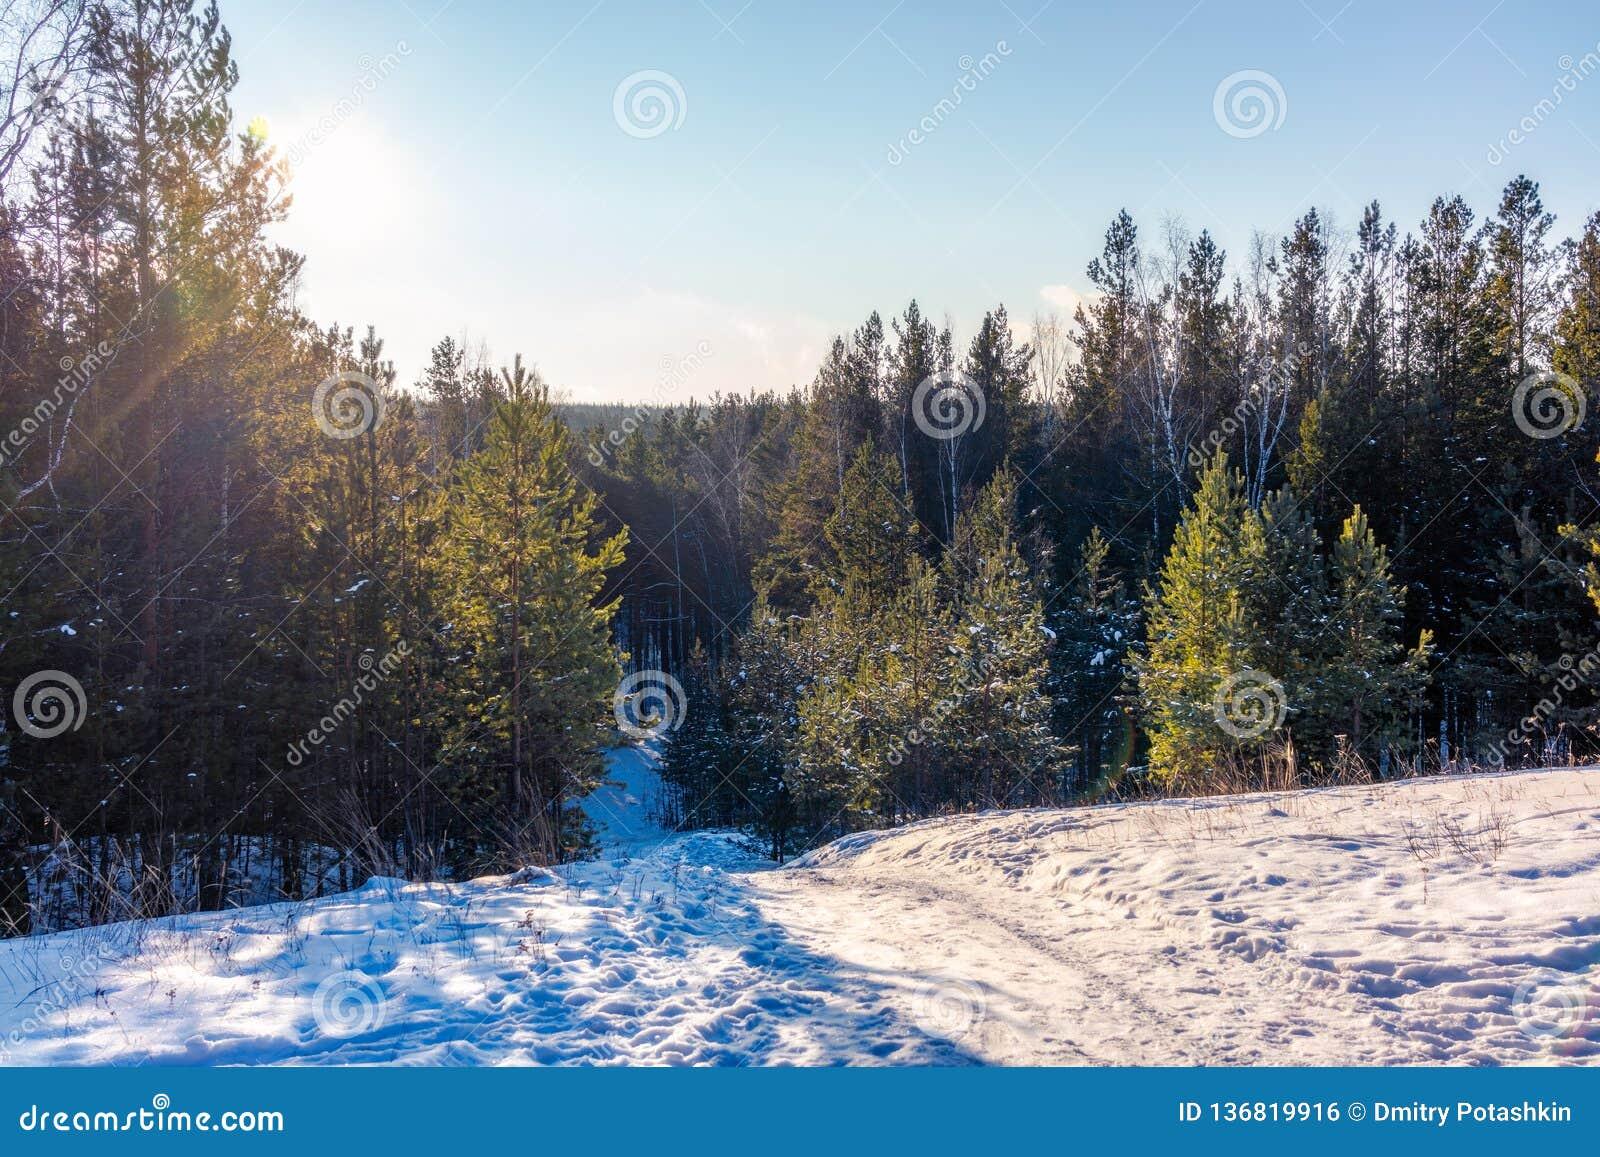 Opinião do inverno do monte em uma floresta nova do pinho em um dia ensolarado